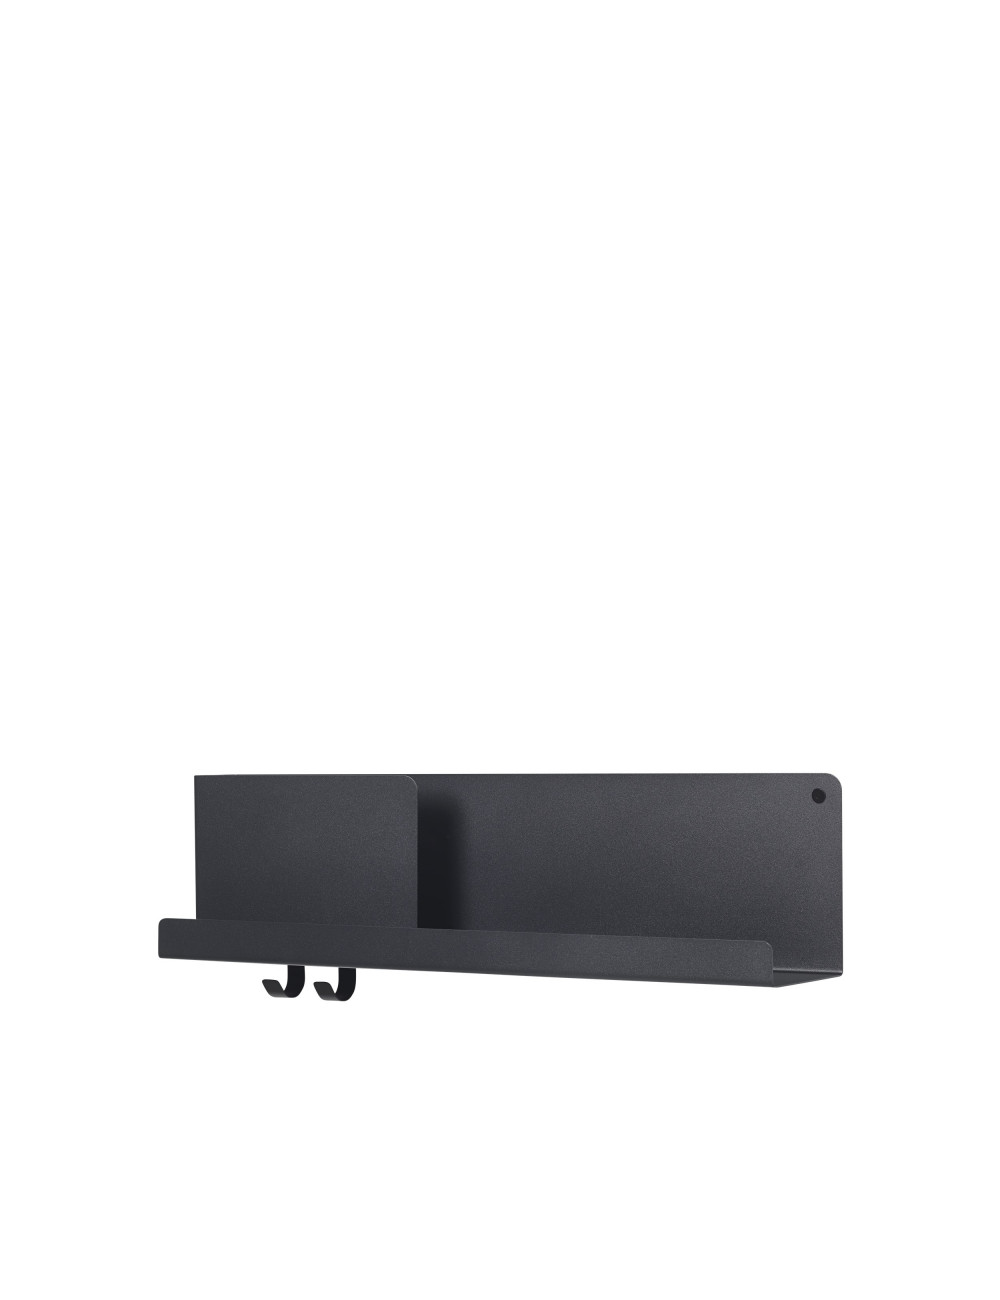 Folded Shelf Medium Wandplank 63x16.5cm - Zwart